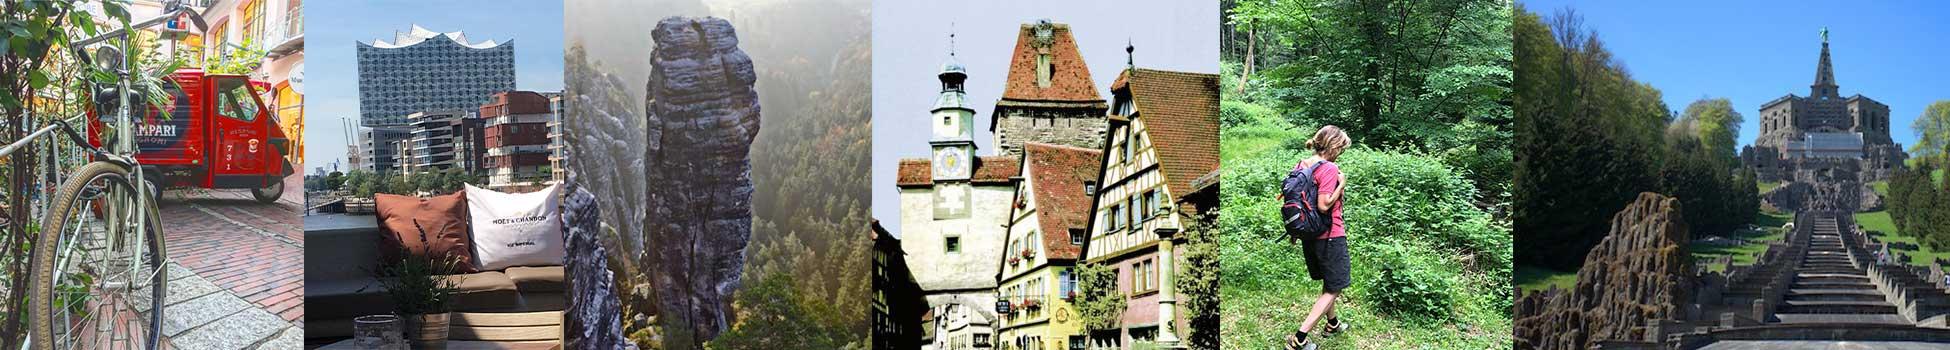 Deutschland-queerbeet-erfurt-sächsische-schweiz-Schwarzwald-hamburg-berlin